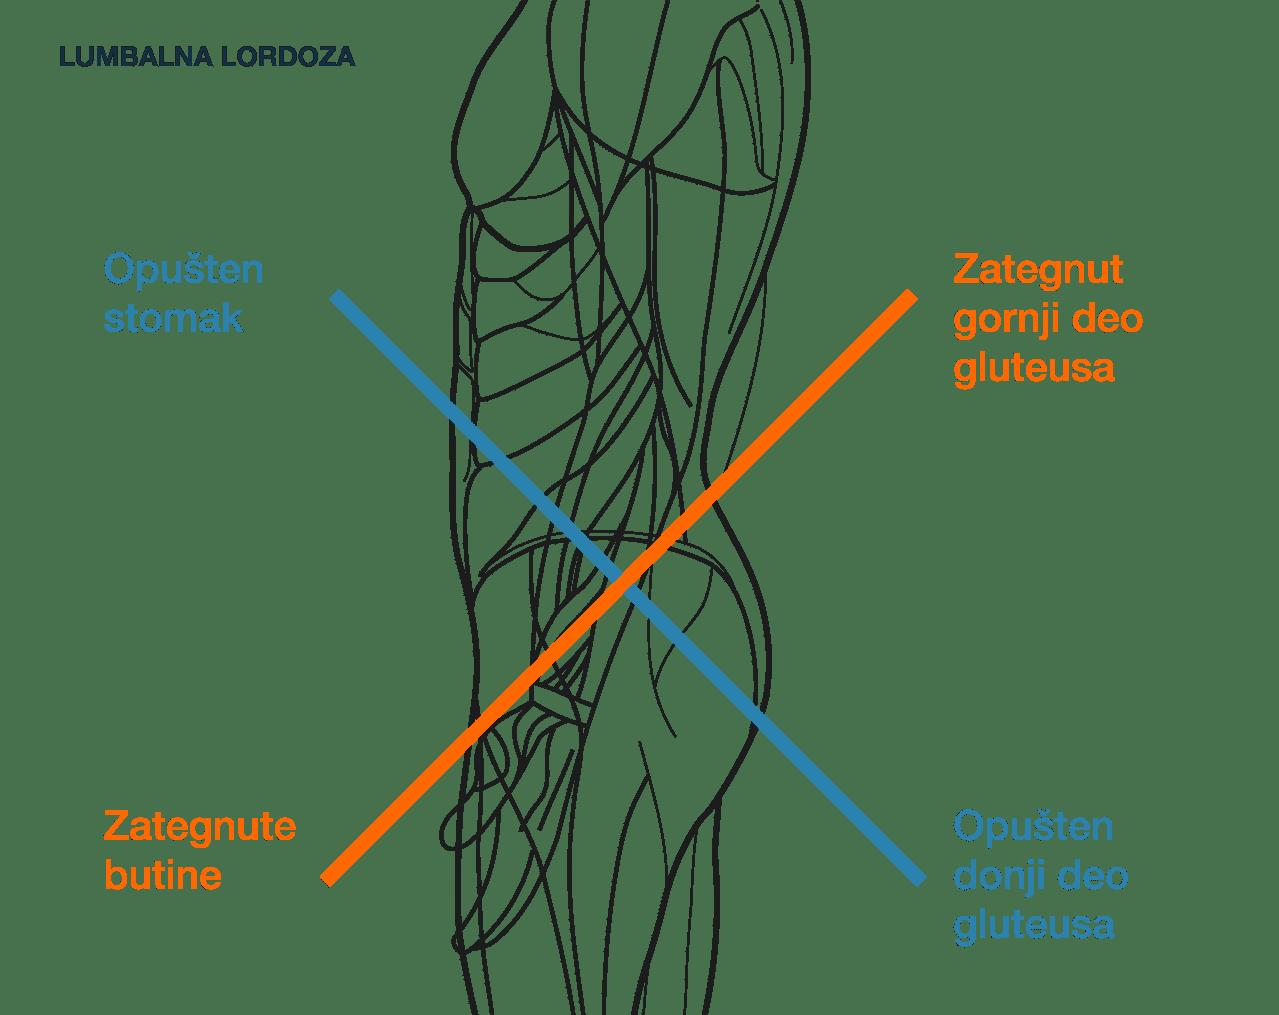 Vežba za aktivaciju stomaka kod lumbalne lordoze